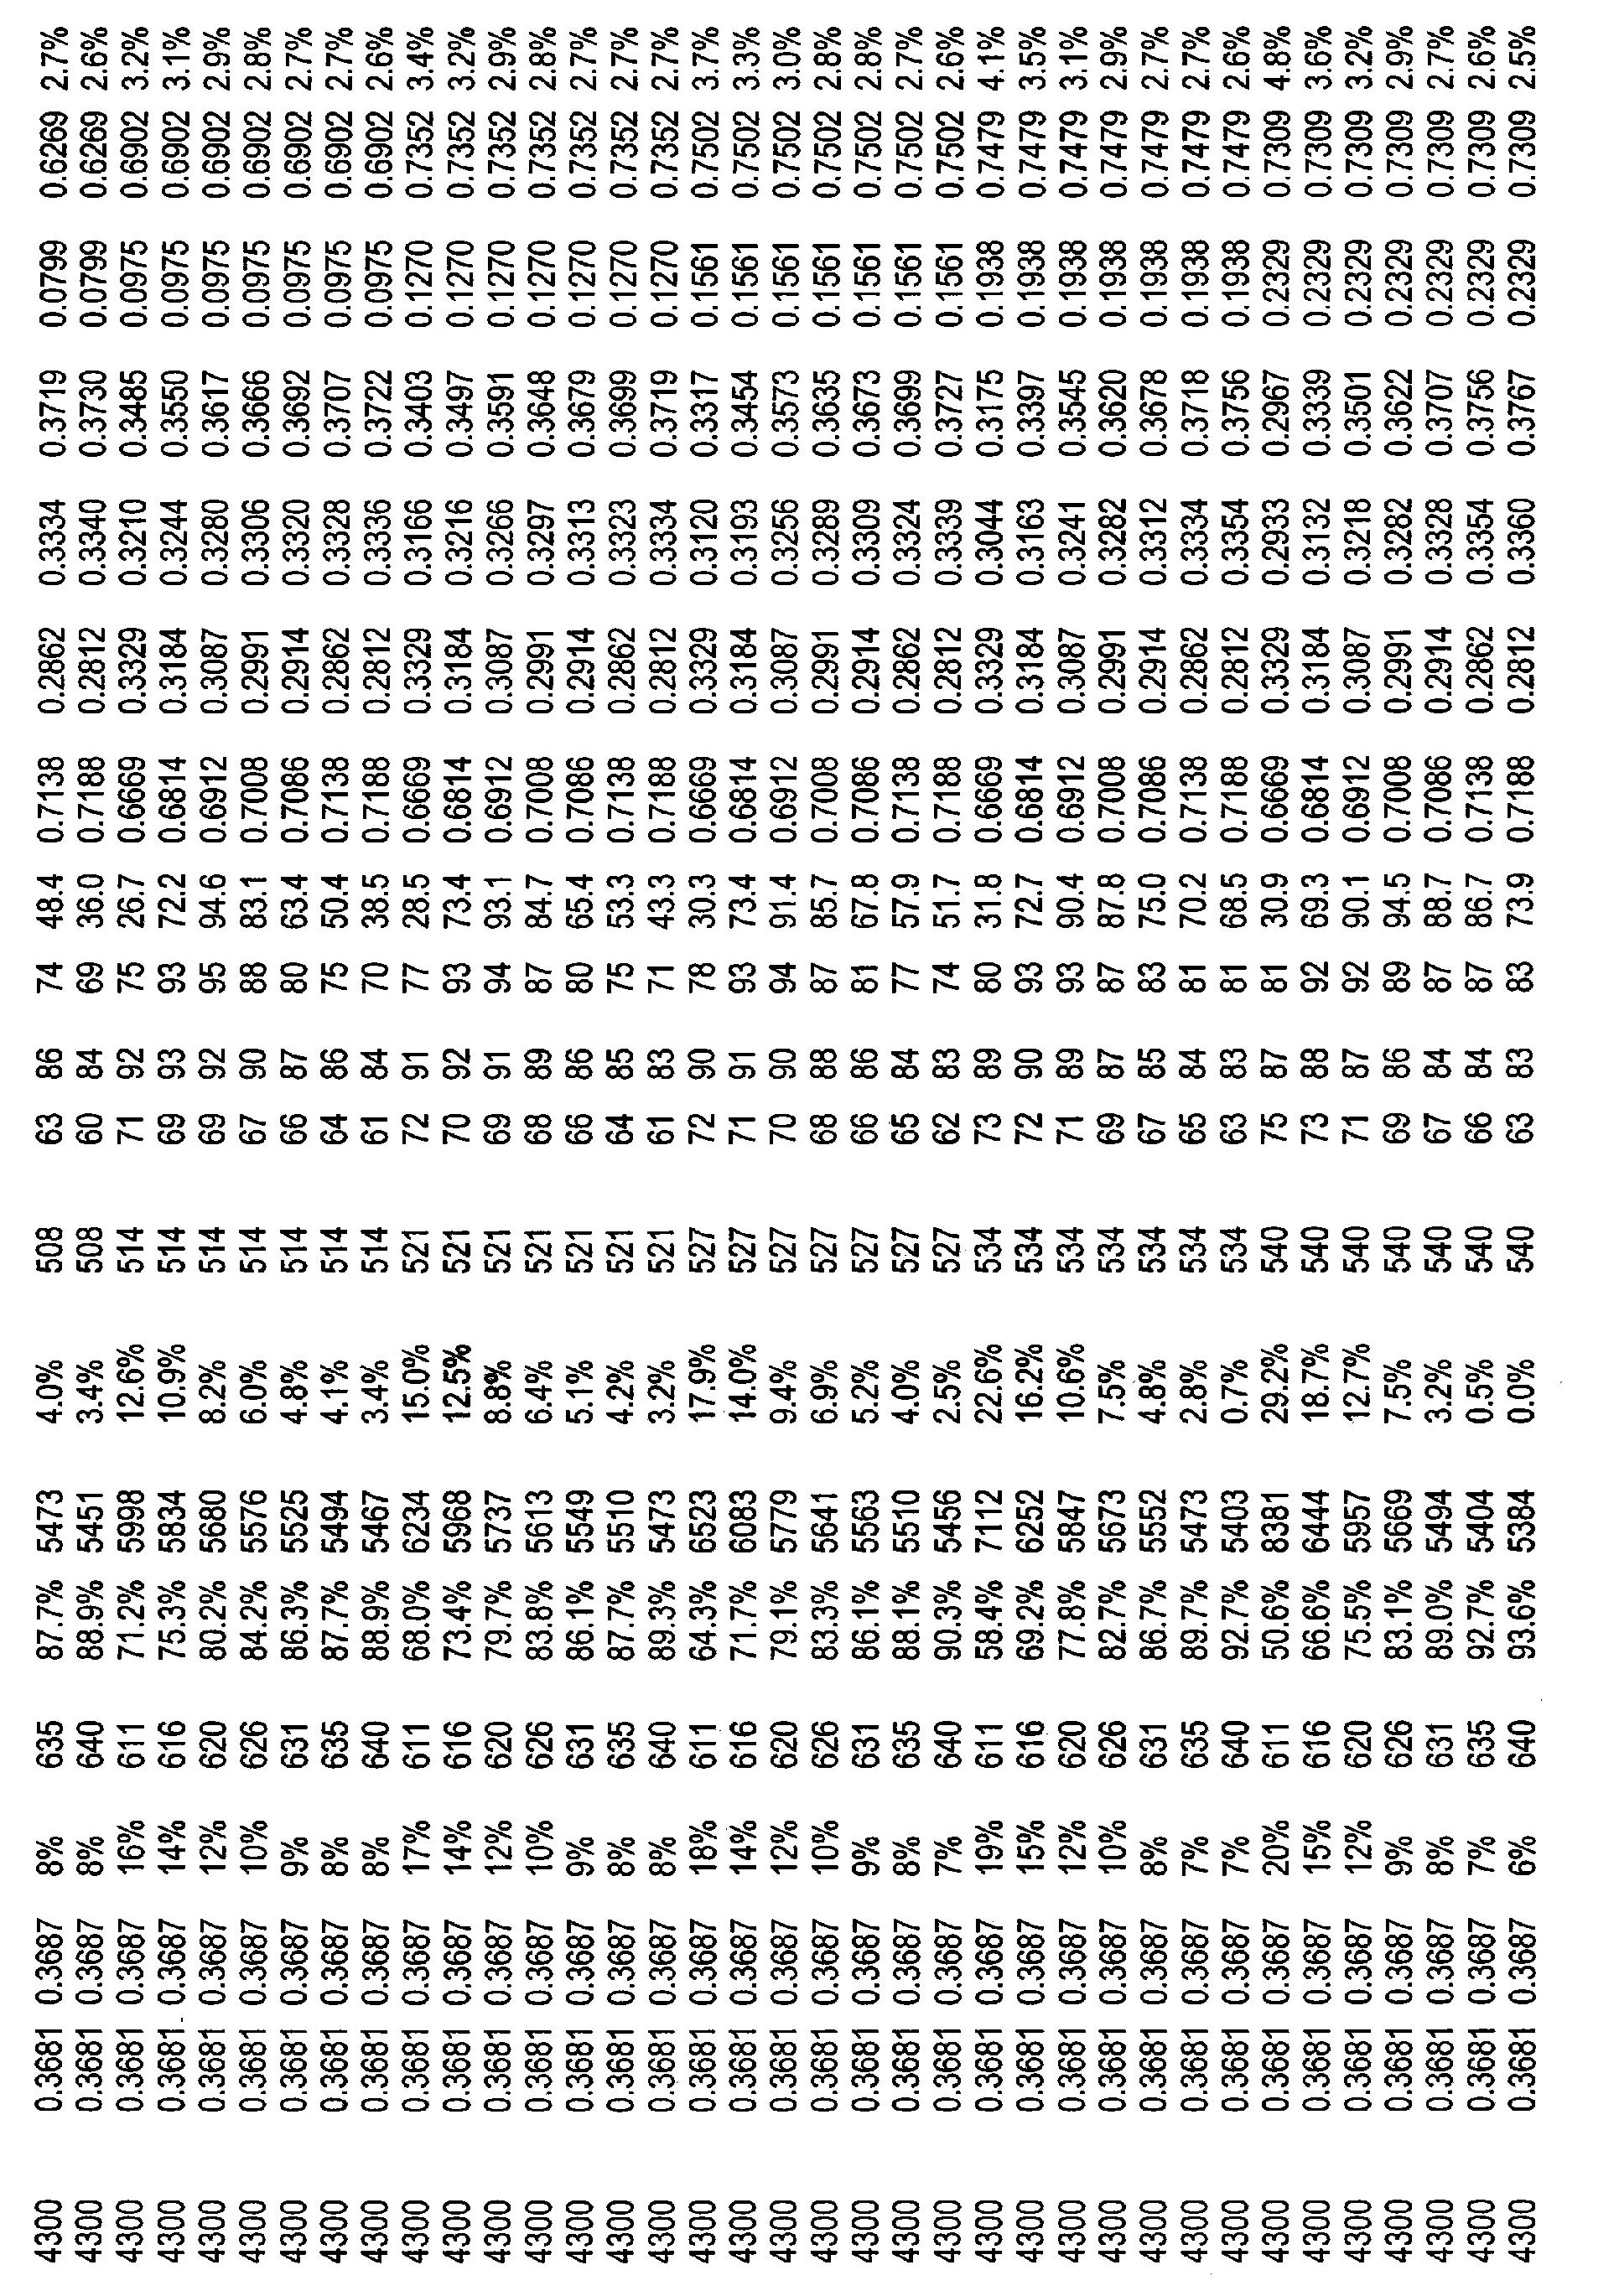 Figure CN101821544BD00841